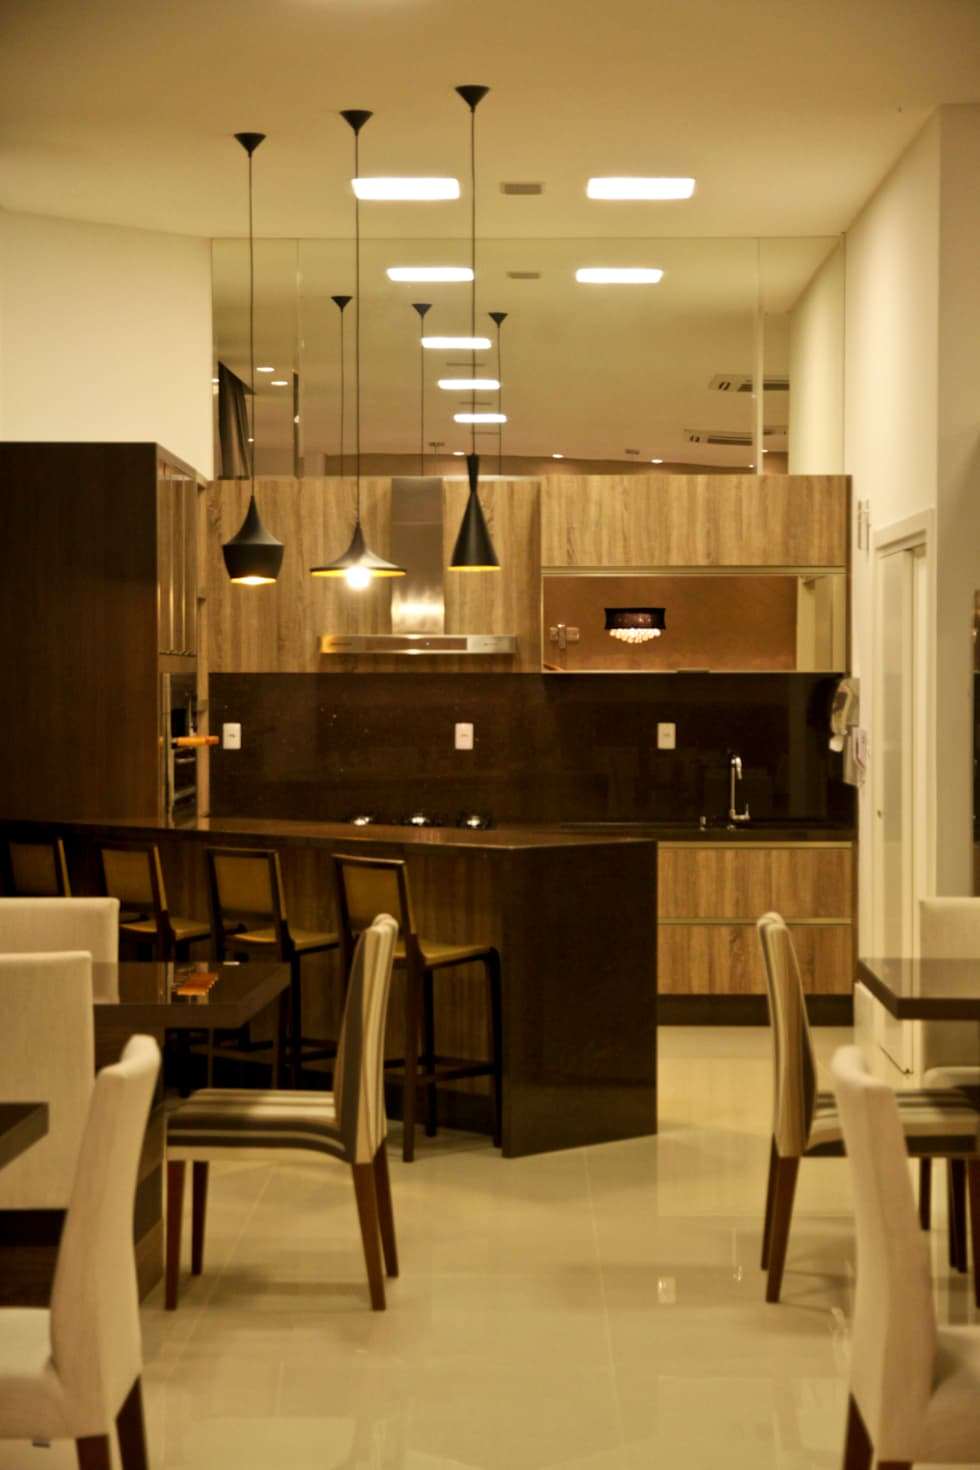 Cozinha do salão de festas: Cozinhas modernas por Daniela Vieira Arquitetura